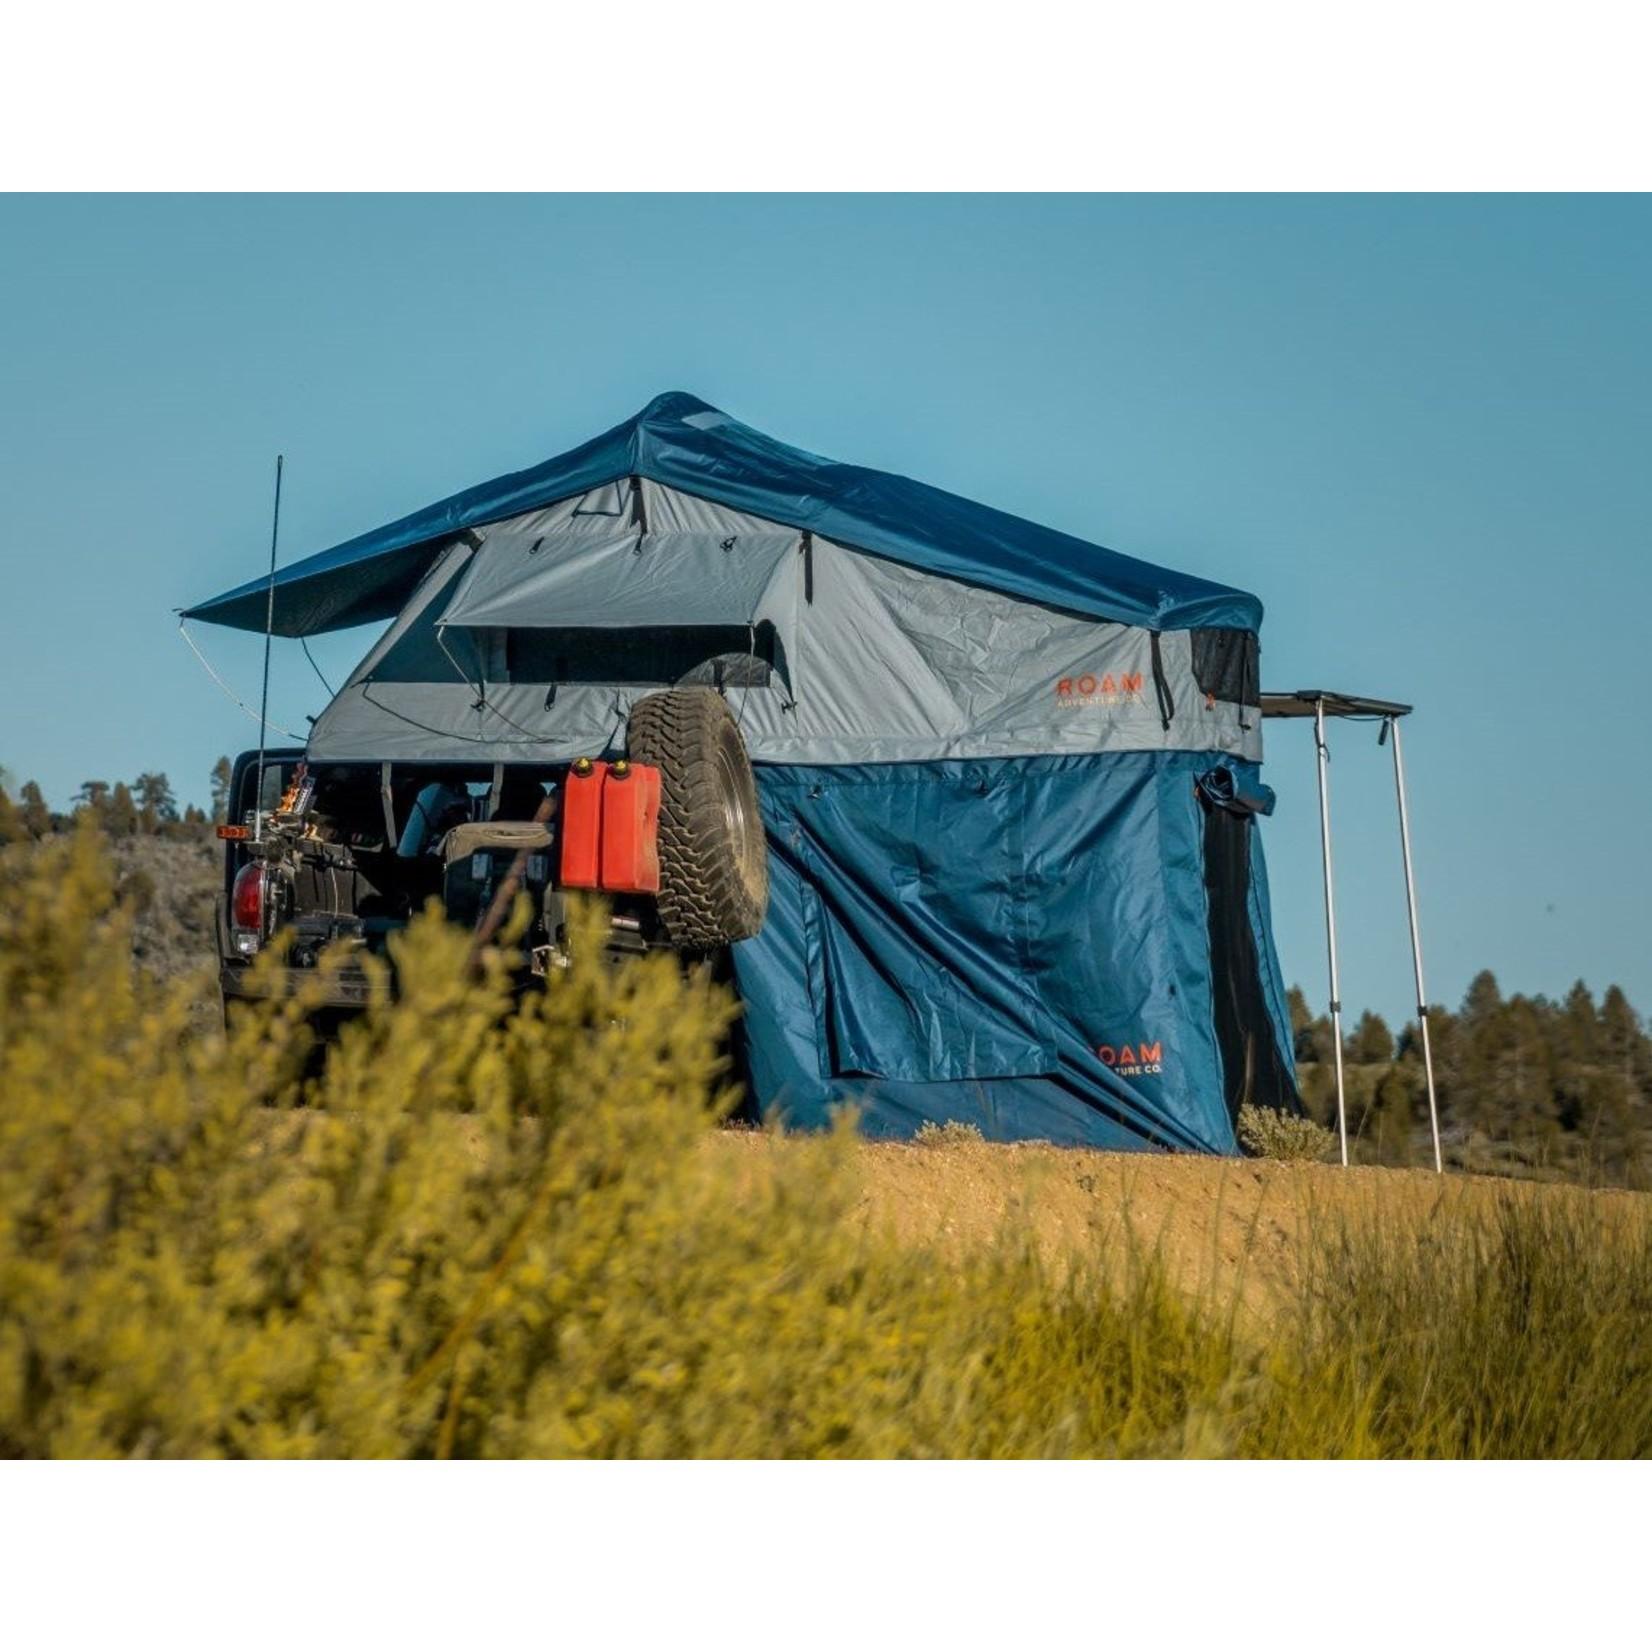 Roam Vagabond Roof Top Tent